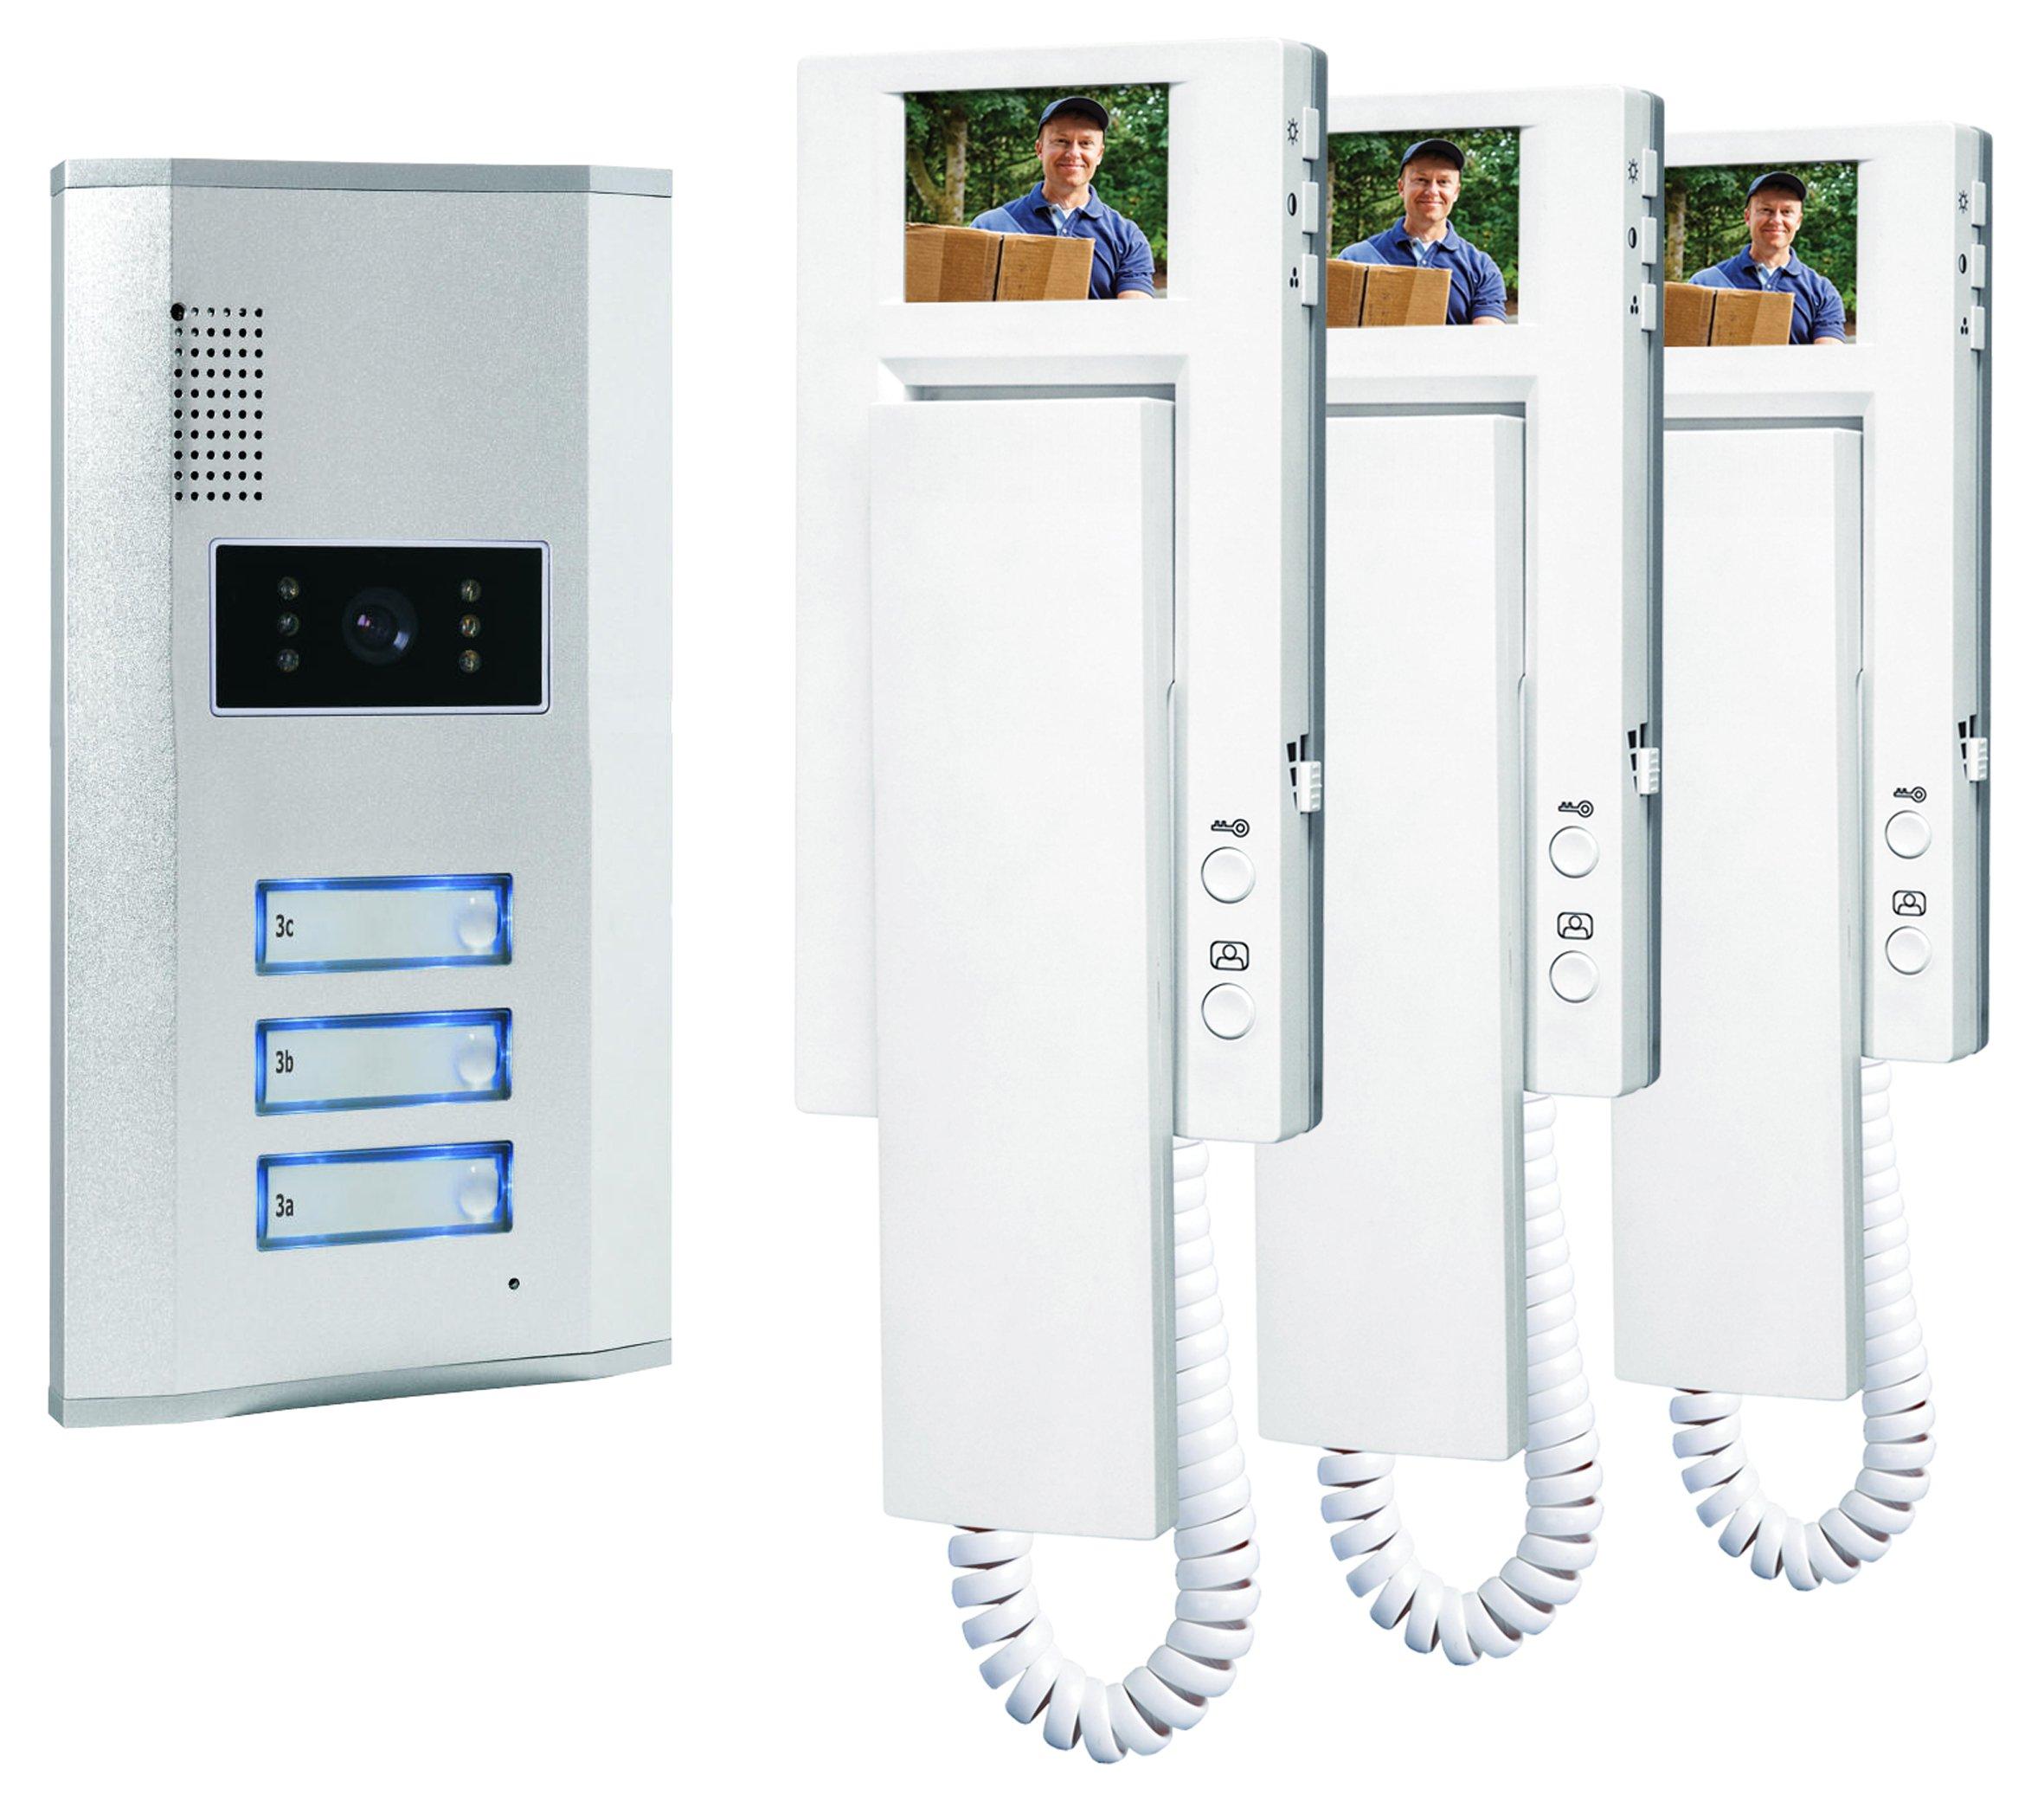 Smartwares VD63 SW 10.007.56 Portier vidéo couleur/Visiophone/Interphone vidéo 3 combinés product image